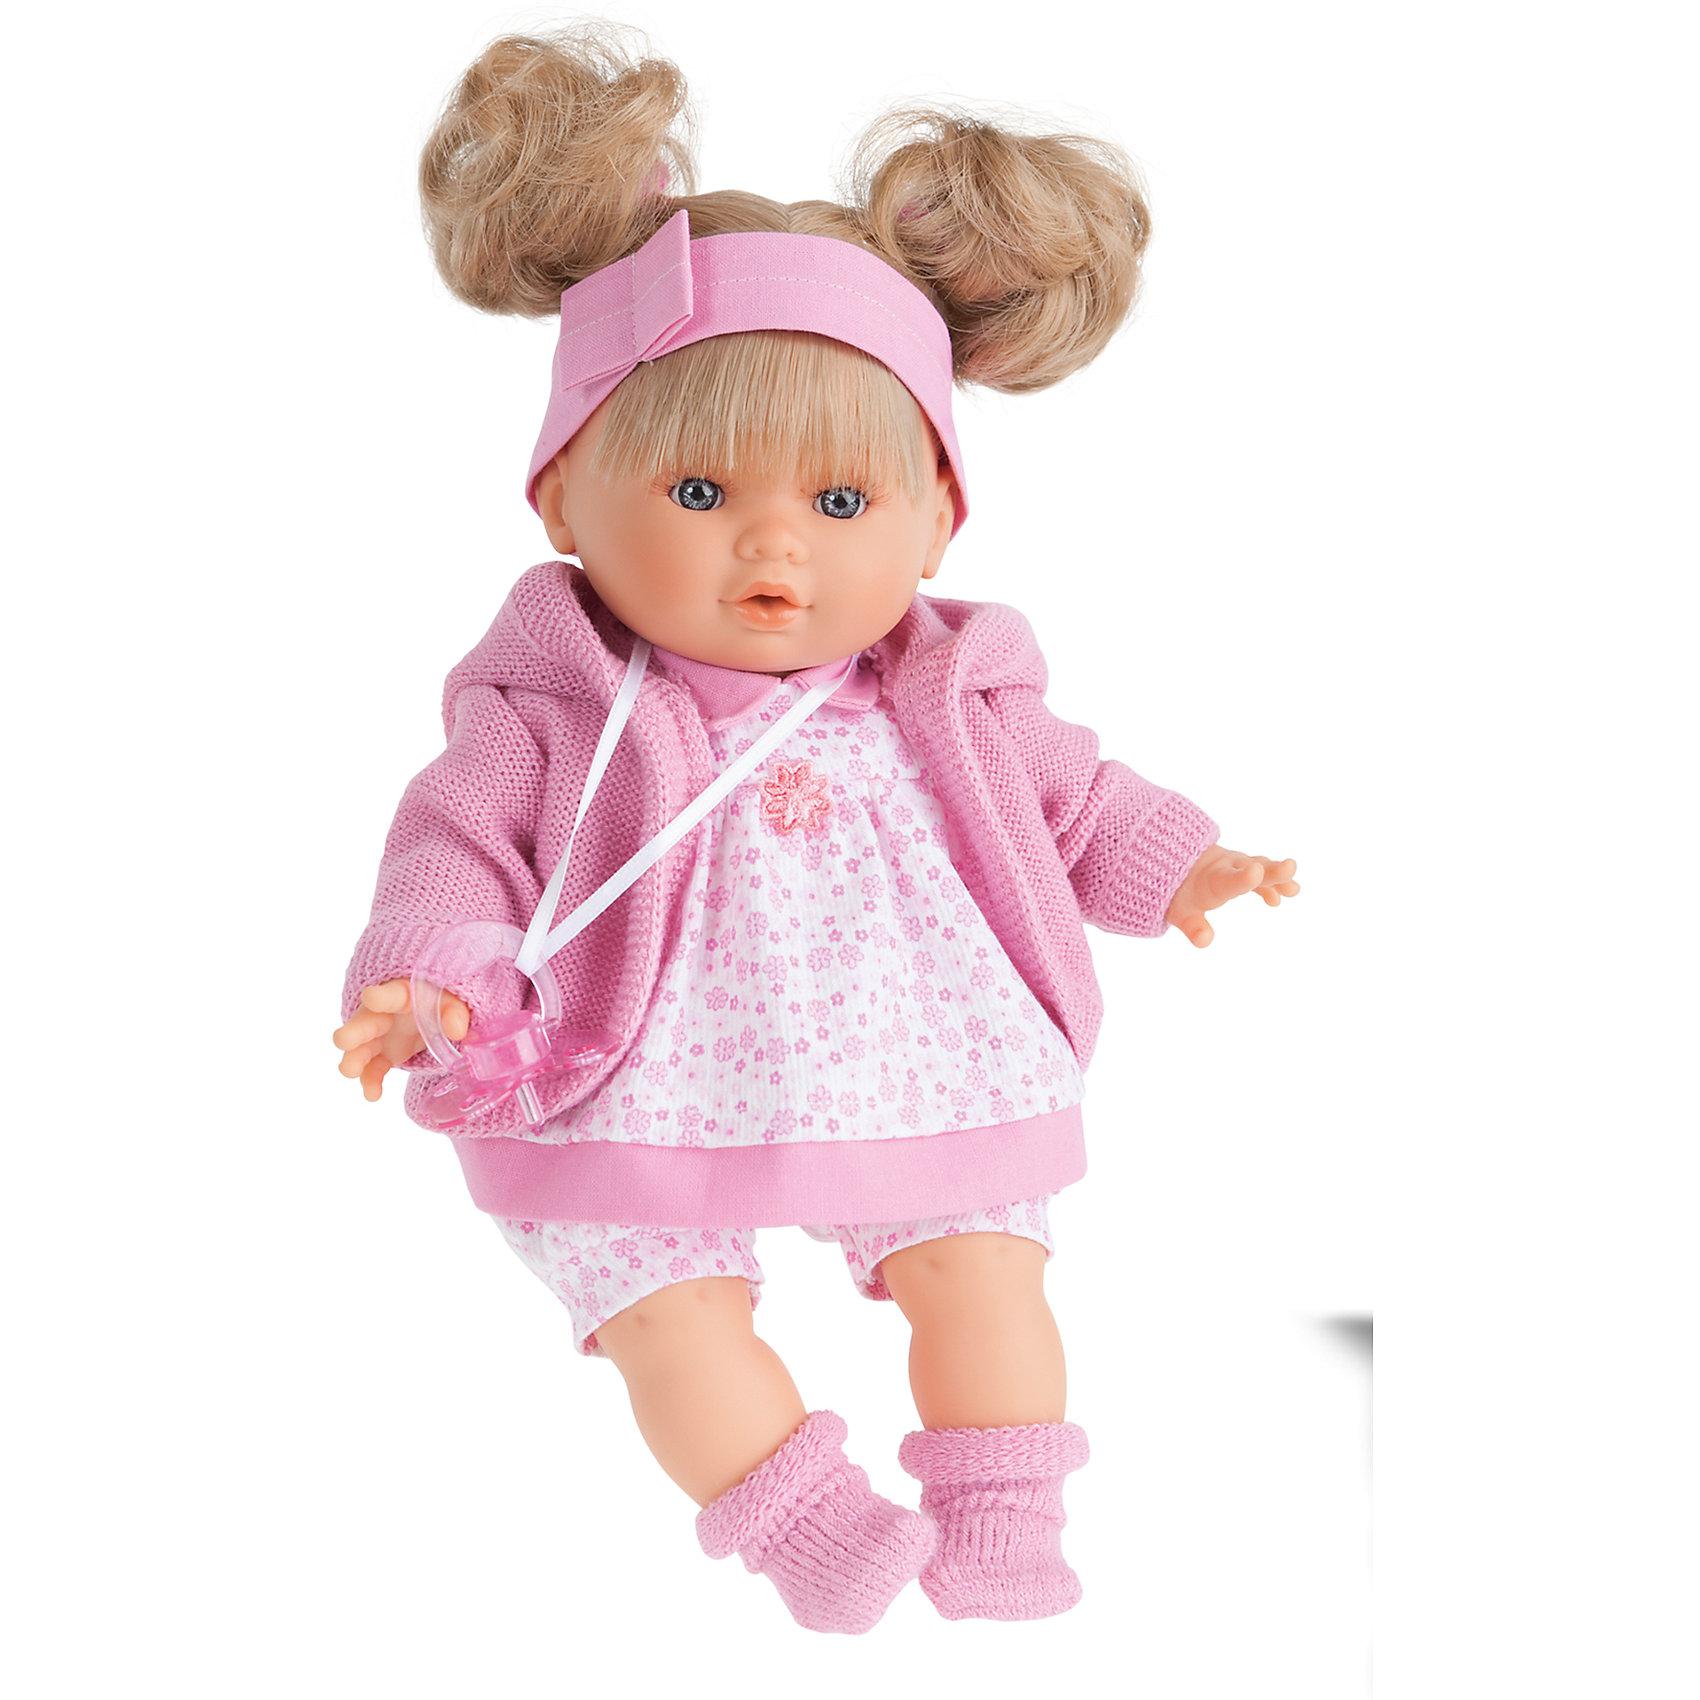 Кукла Кристи в розовом, плачущая, 30 см, Munecas Antonio JuanКлассические куклы<br>Характеристики товара:<br><br>• возраст: от 3 лет;<br>• материал: винил, текстиль;<br>• в комплекте: кукла, платье, соска;<br>• высота куклы: 30 см;<br>• размер упаковки: 34х21х12 см;<br>• вес упаковки: 725 гр.;<br>• страна производитель: Испания.<br><br>Кукла Кристи в розовом Munecas Antonio Juan — очаровательная девочка с выразительными глазками, пухлыми щечками и мягкими волосами, завязанными в хвостики. Кукла одета в розовое платье и теплый кардиган.<br><br>У куклы подвижные ручки и ножки. Кристи умеет плакать. Если куколка заплачет, надо дать ей соску и успокоить ее. Игра с куклой привьет девочке чувство заботы, помощи, ответственности и любви. Кукла выполнена из качественных безопасных материалов.<br><br>Куклу Кристи в розовом Munecas Antonio Juan можно приобрести в нашем интернет-магазине.<br><br>Ширина мм: 350<br>Глубина мм: 200<br>Высота мм: 125<br>Вес г: 787<br>Возраст от месяцев: 36<br>Возраст до месяцев: 2147483647<br>Пол: Женский<br>Возраст: Детский<br>SKU: 5364643